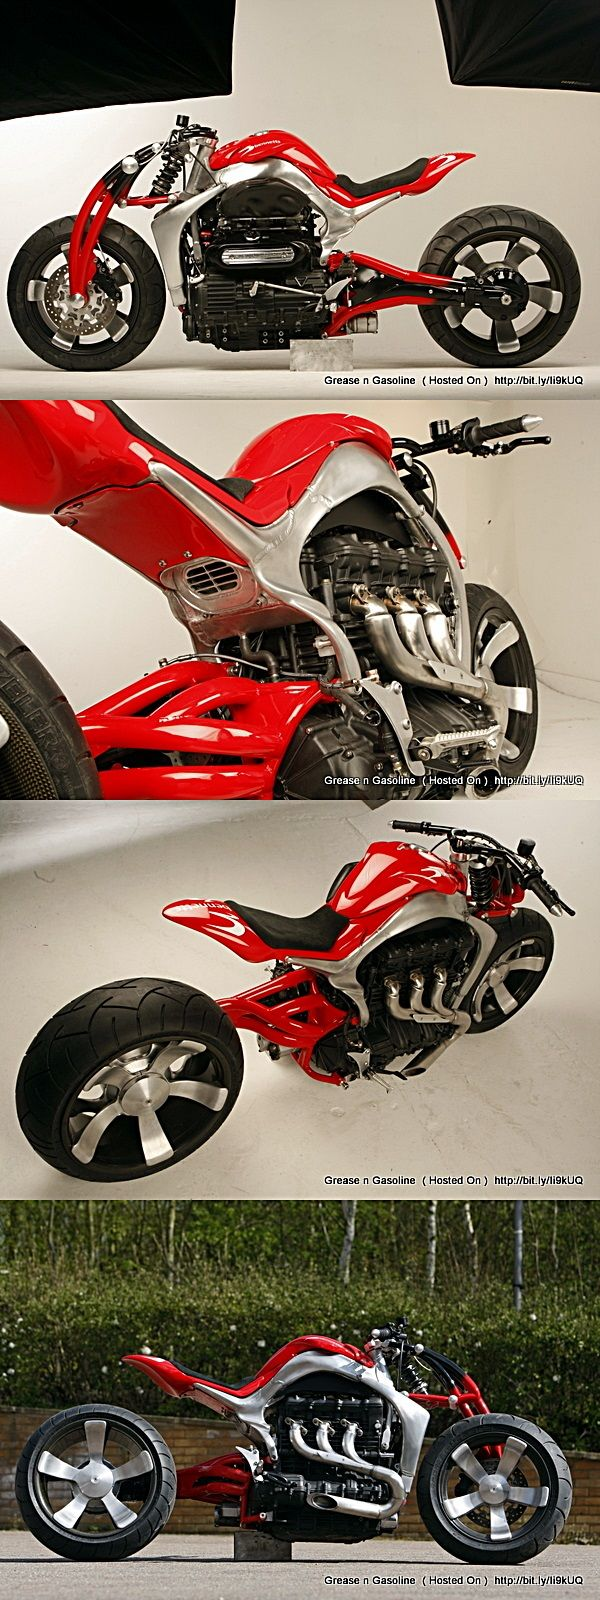 Triumph Rocket III Concept Motorcycle  - Roger Allmond | repinned by www.BlickeDeeler.de